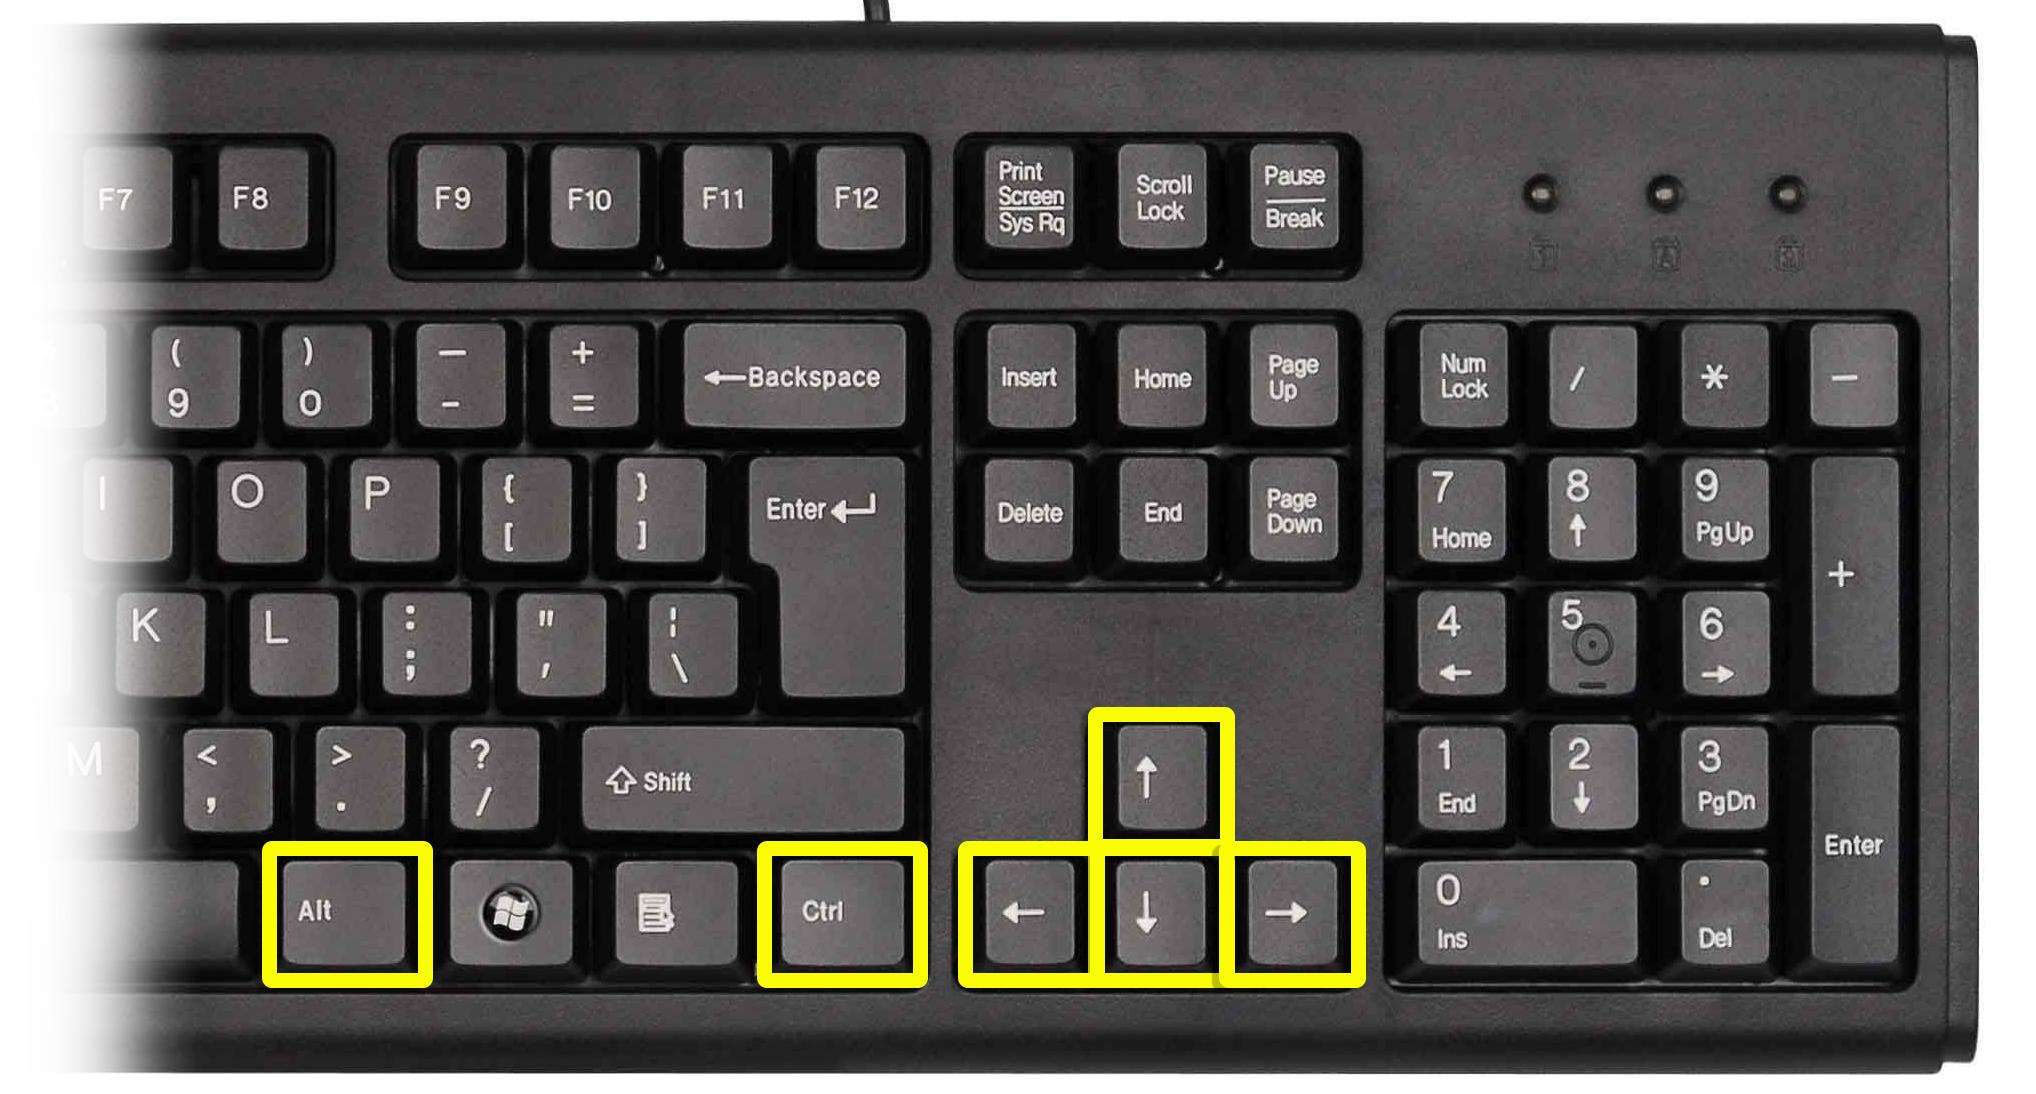 Как перевернуть экран на компьютере или ноутбуке: комбинация клавиш и другие способы